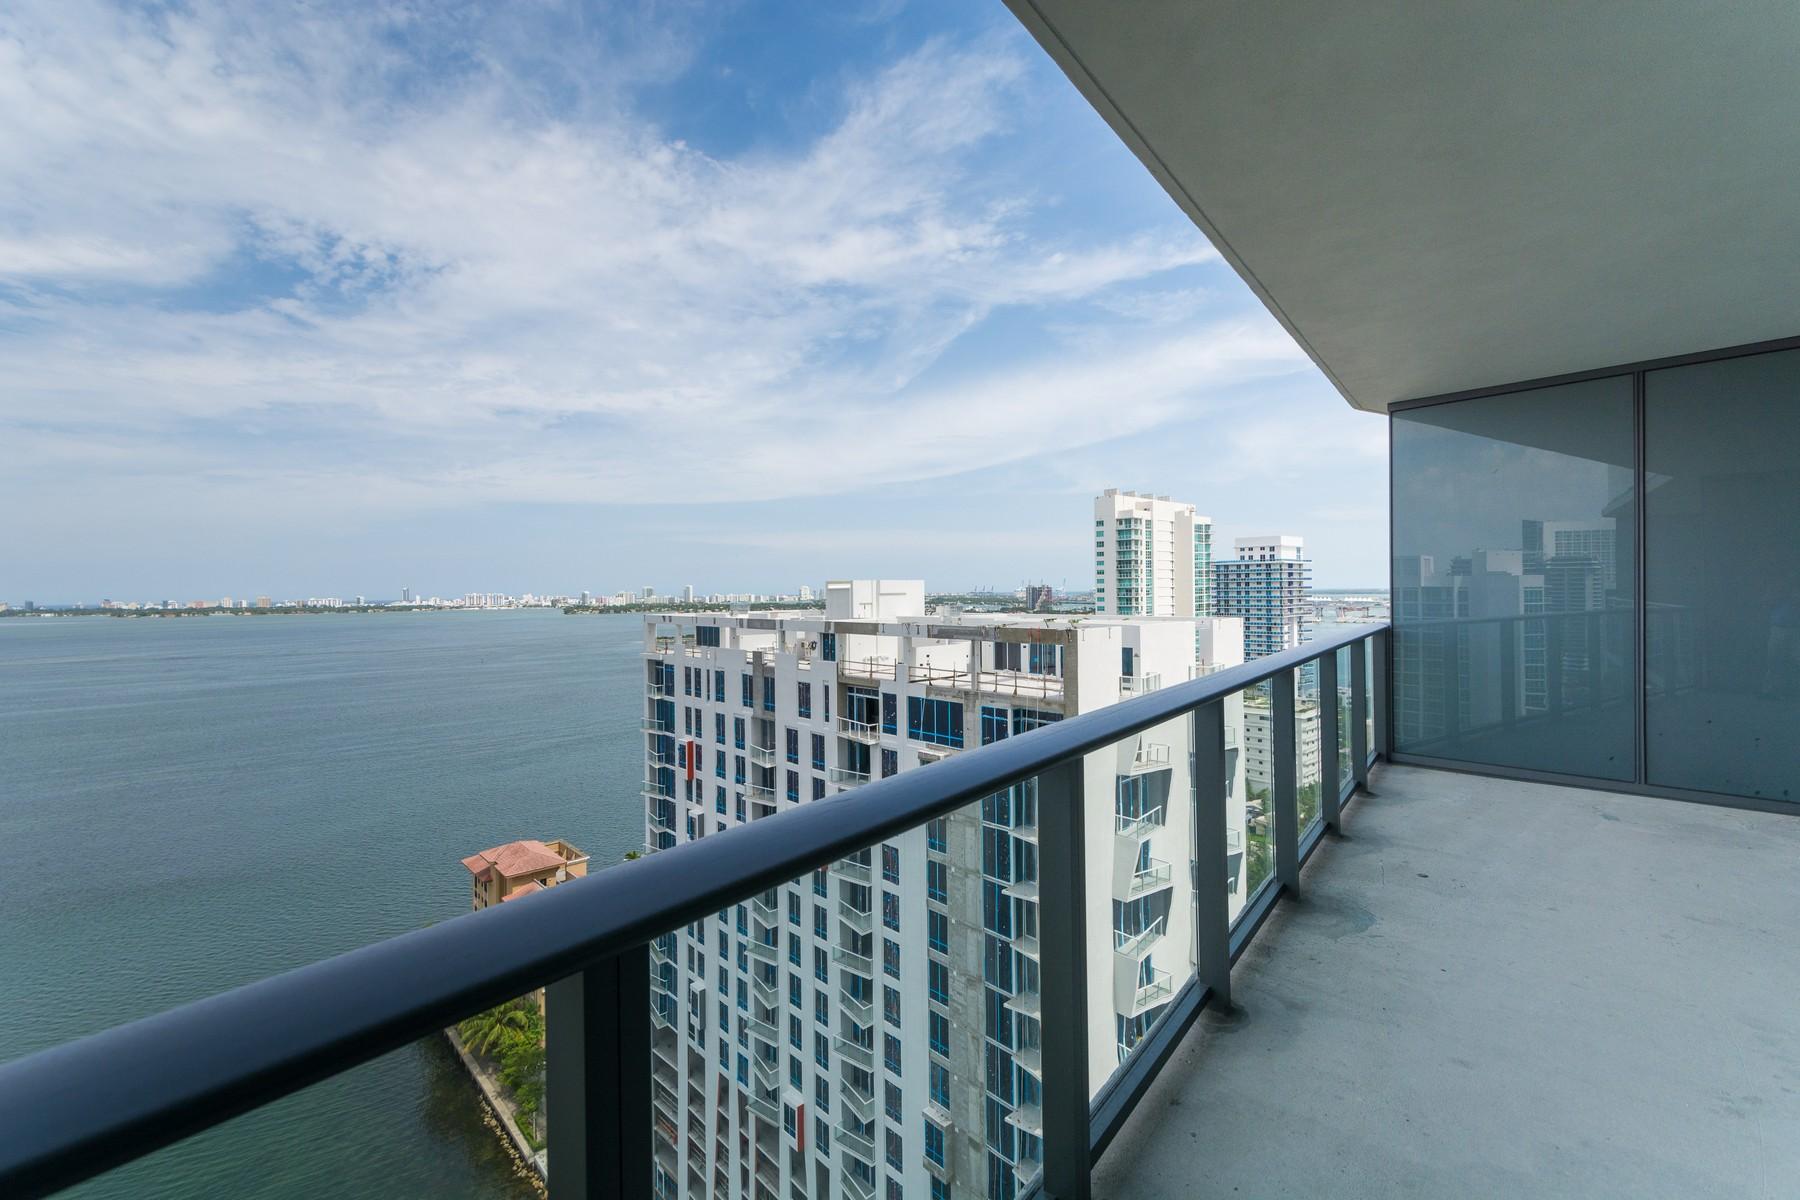 Кооперативная квартира для того Продажа на 460 NE 28 ST #2207 Miami, Флорида 33137 Соединенные Штаты